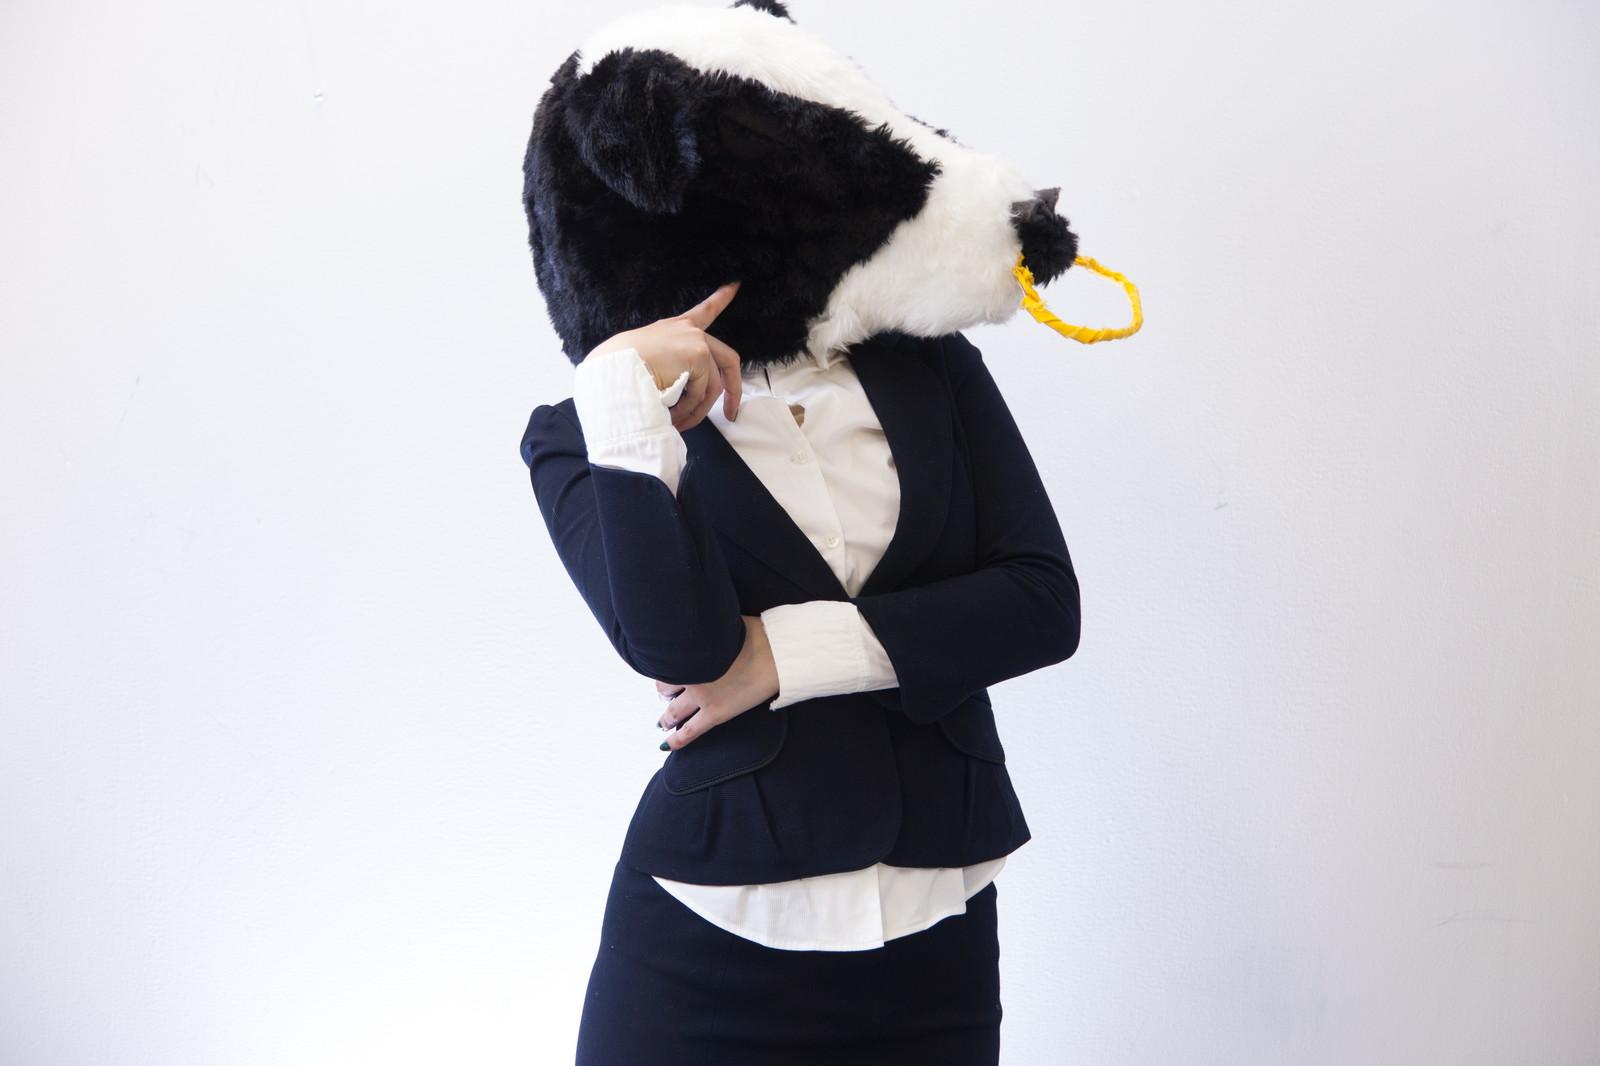 【カラオケ】副鼻腔に響かせればイケボに変わる?